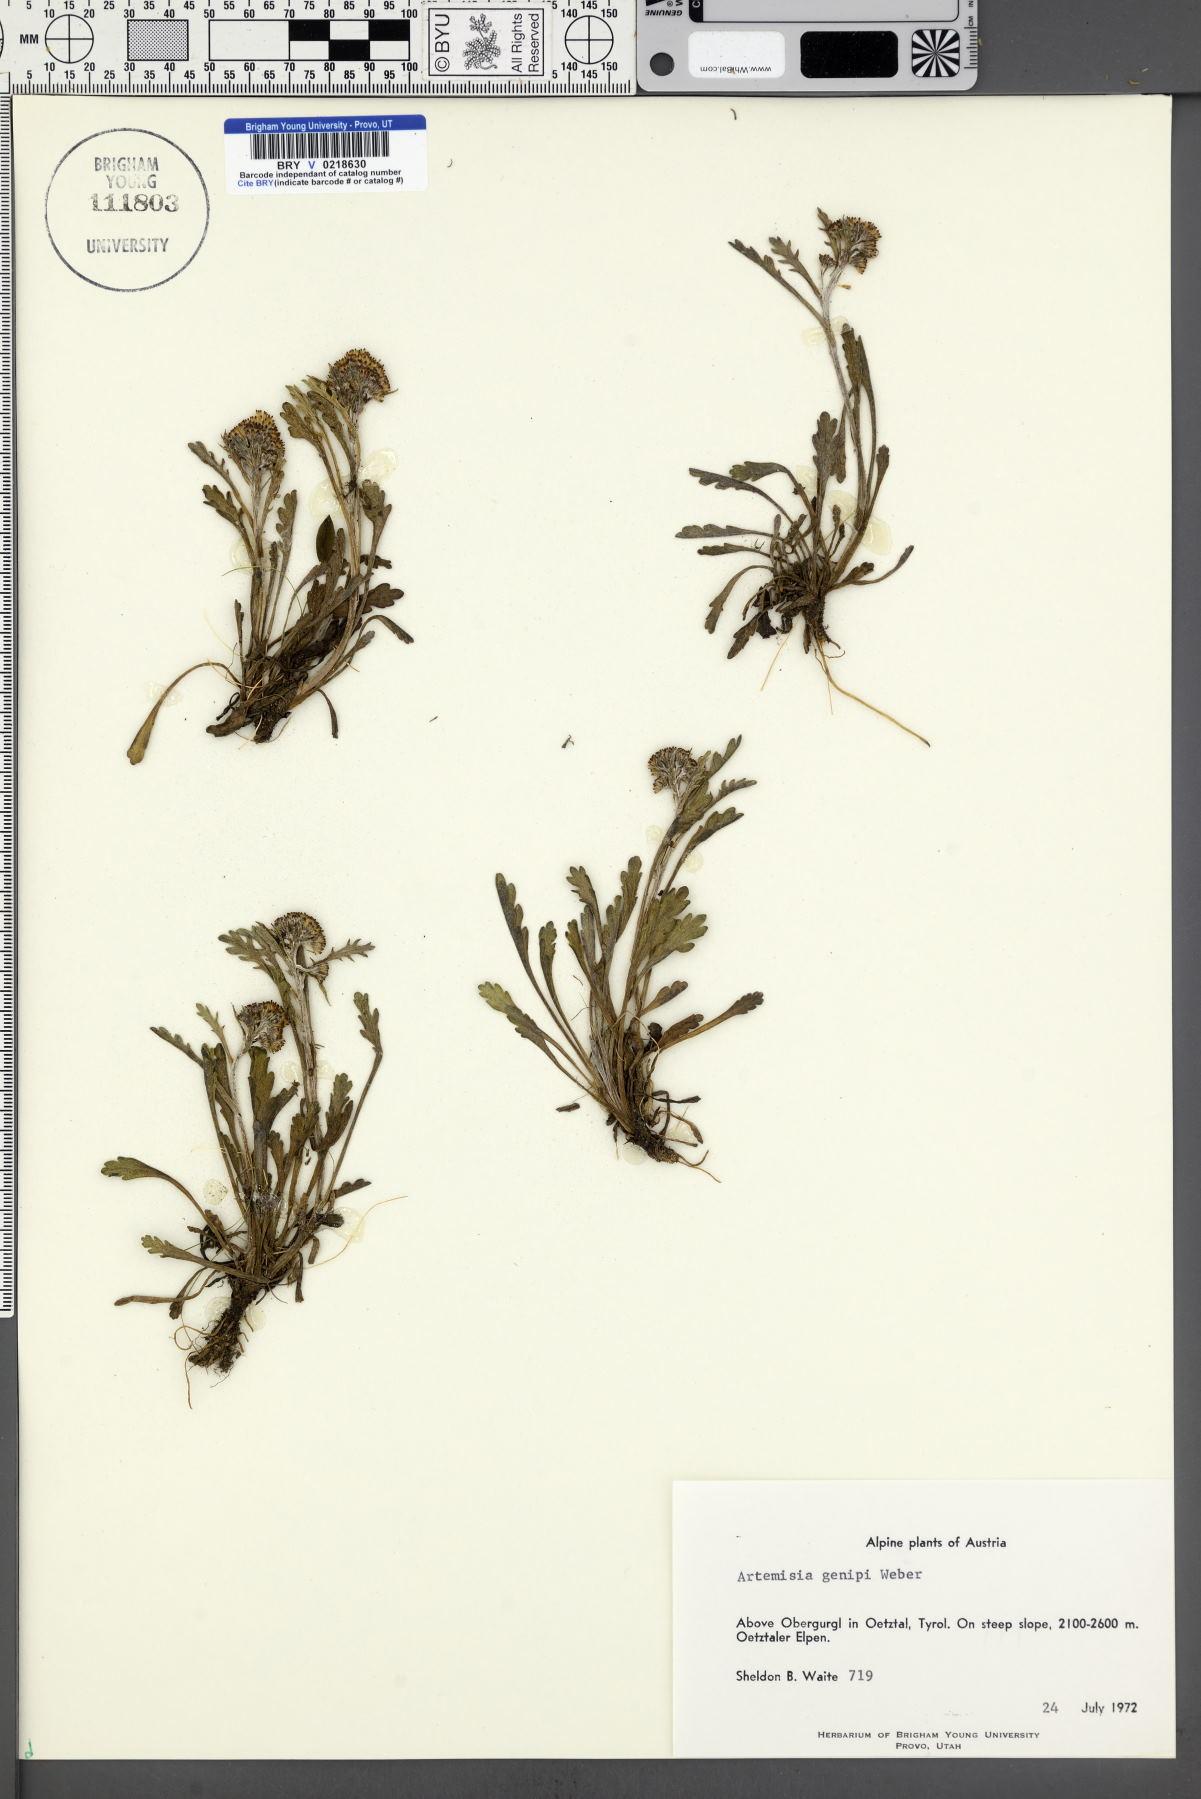 Artemisia genipi image